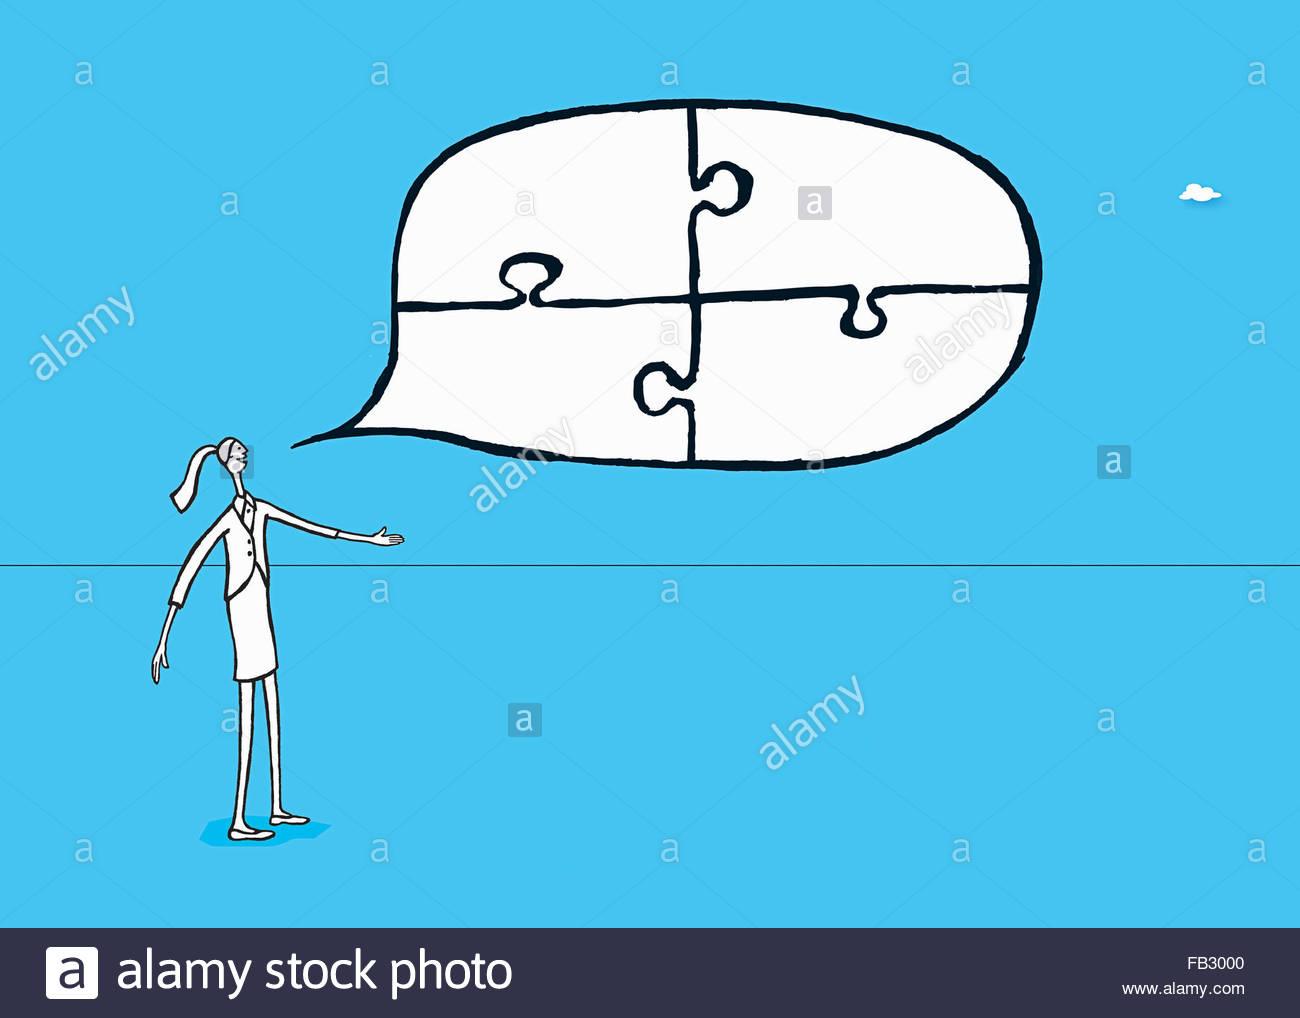 Geschäftsfrau im Gespräch mit angeschlossenen Puzzlestücke in Sprechblase Stockbild